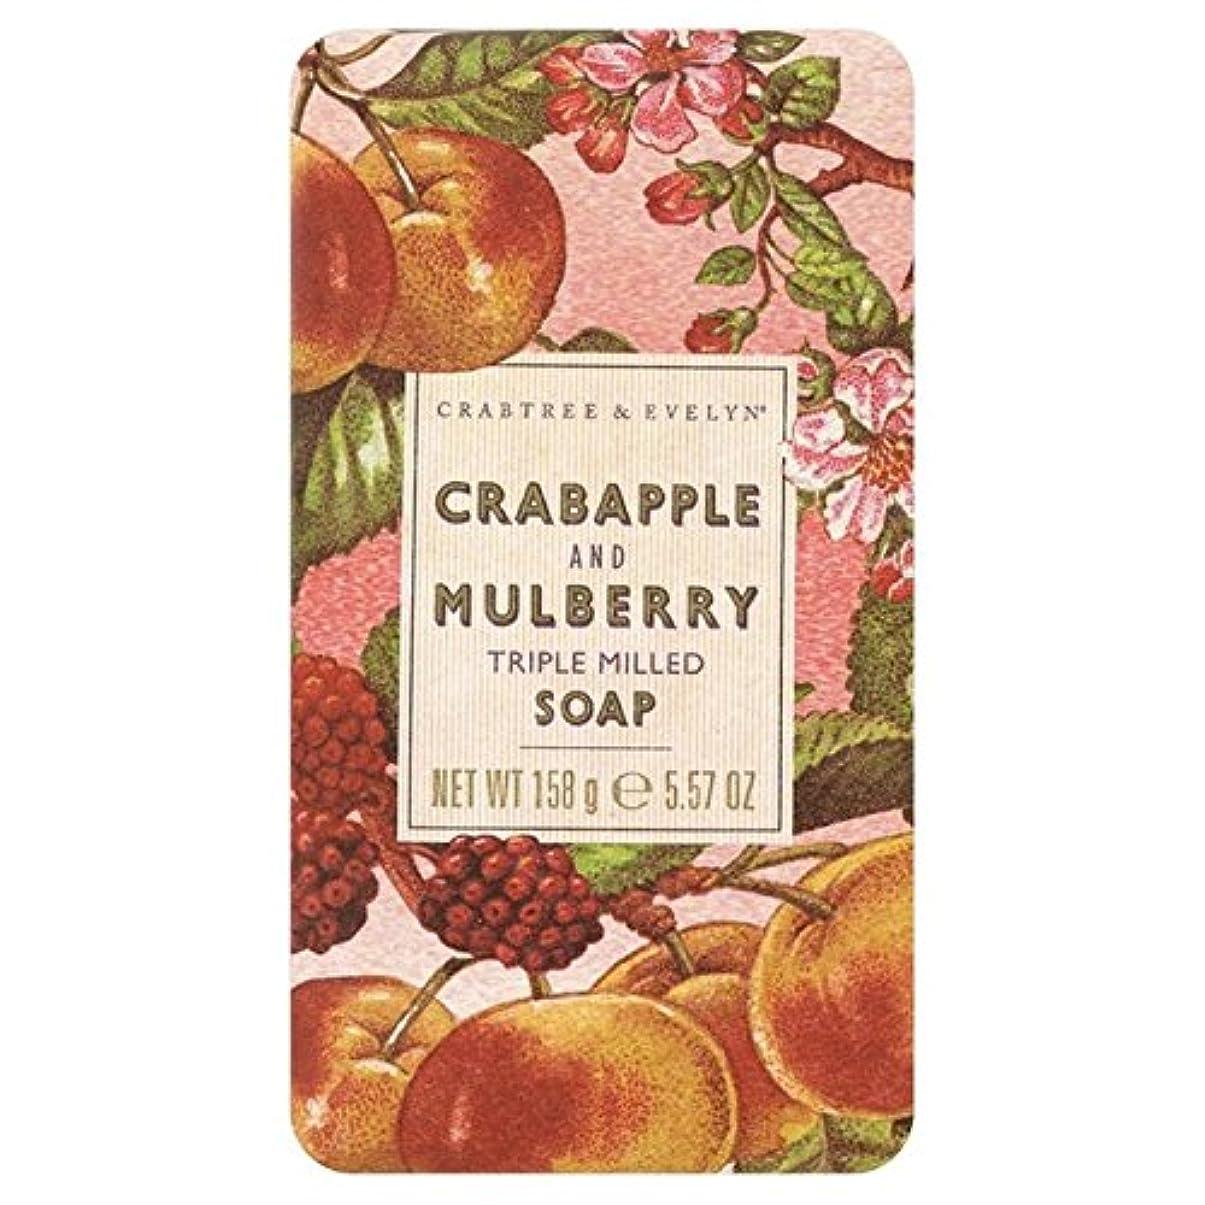 ブラウズイーウェル高さクラブツリー&イヴリンと桑遺産石鹸150グラム x2 - Crabtree & Evelyn Crabapple and Mulberry Heritage Soap 150g (Pack of 2) [並行輸入品]